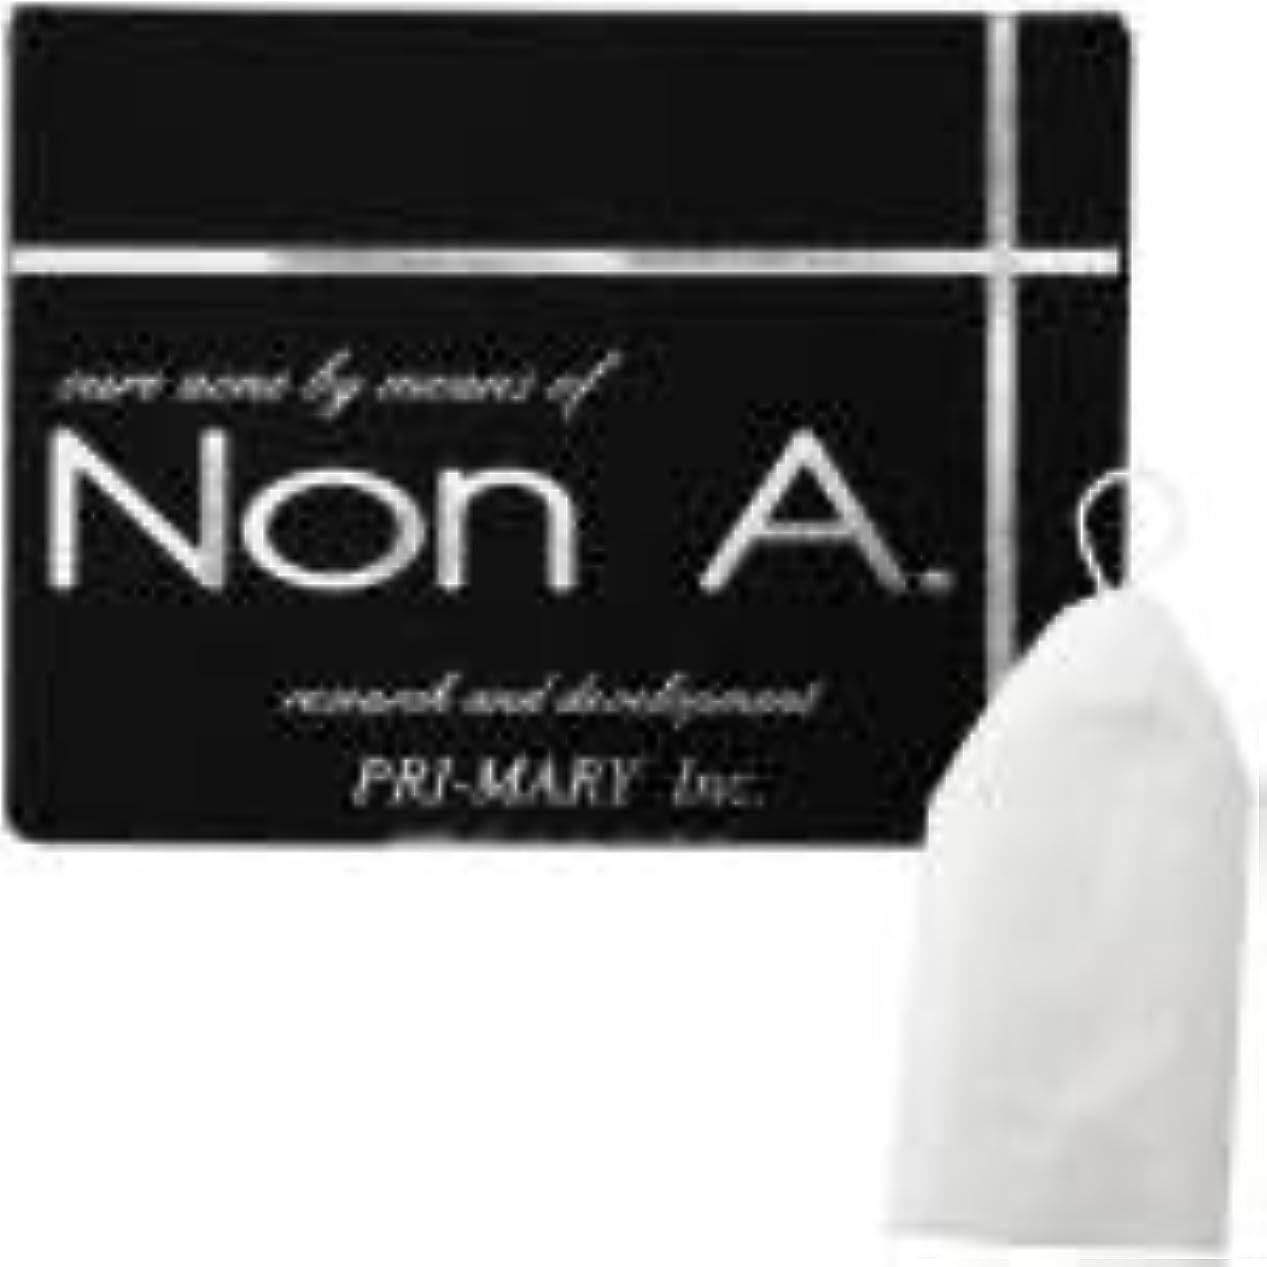 用心回転対応Non A. (ノンエー) 洗顔ソープ [ ニキビ対策 / 100g / 洗顔泡立てネット付 ] 洗顔せっけん ピーリング成分不使用 (プライマリー)